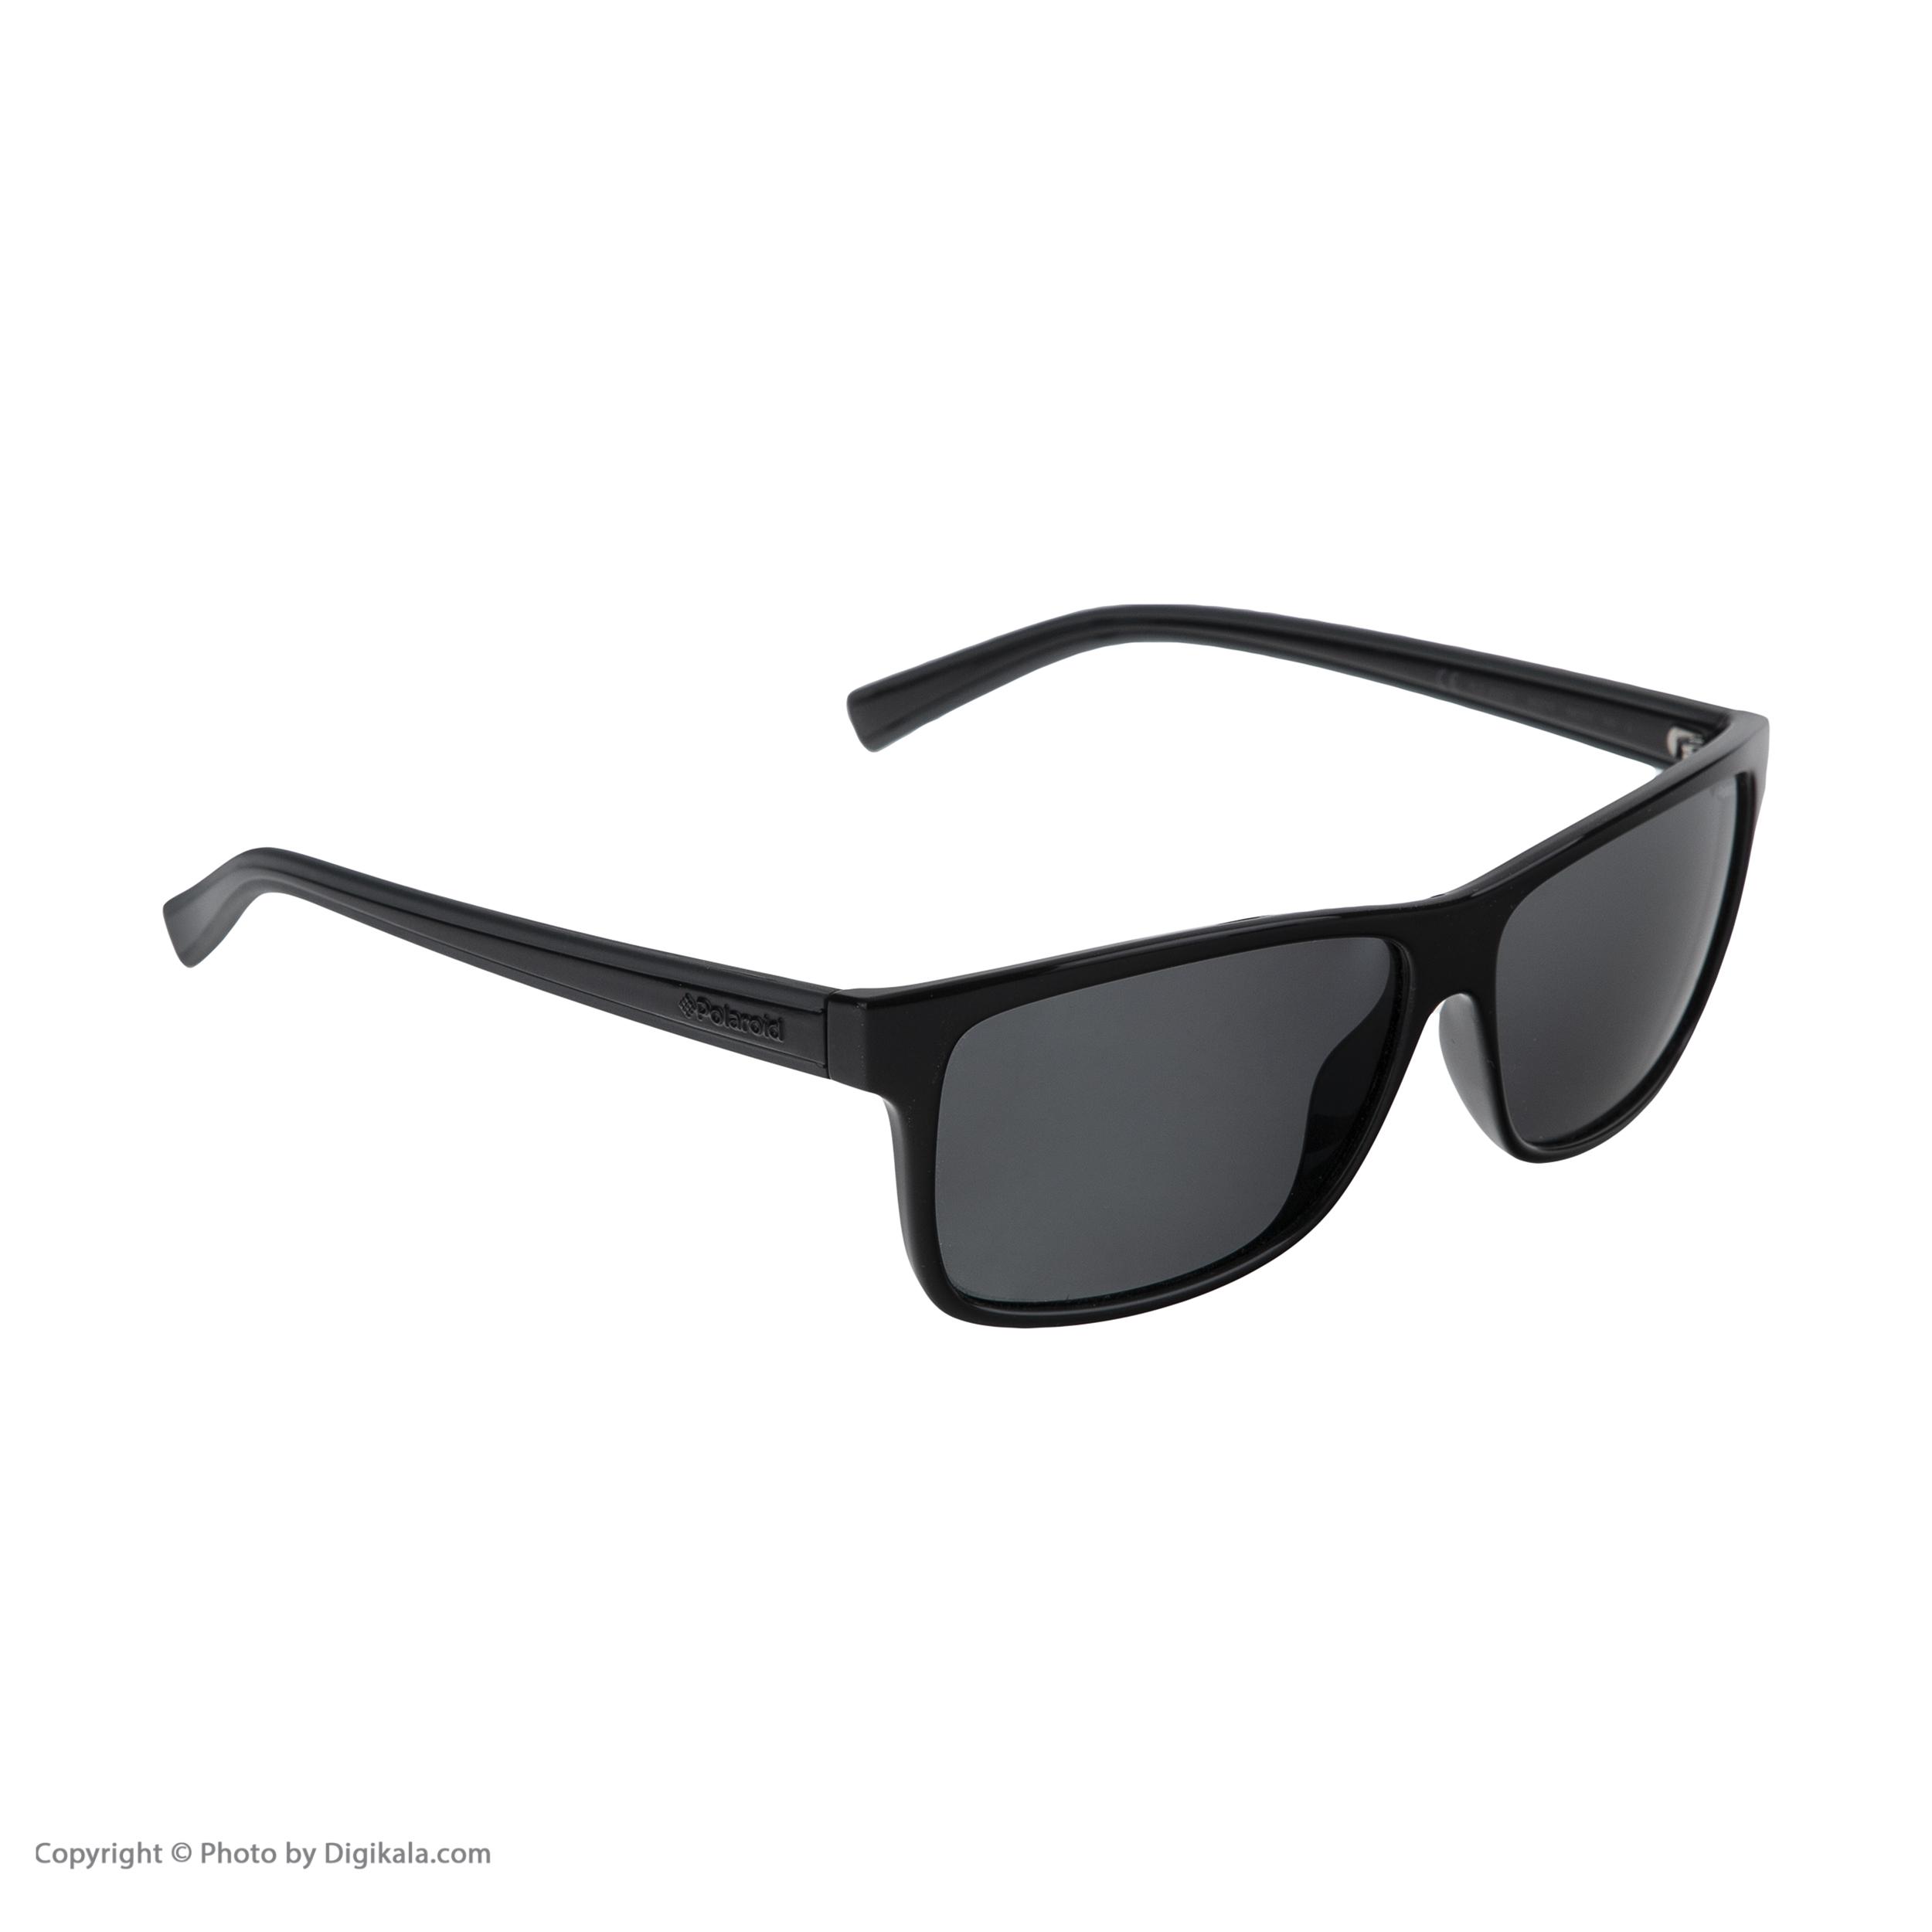 عینک آفتابی مردانه پولاروید مدل pld 2027-blackgrey-59